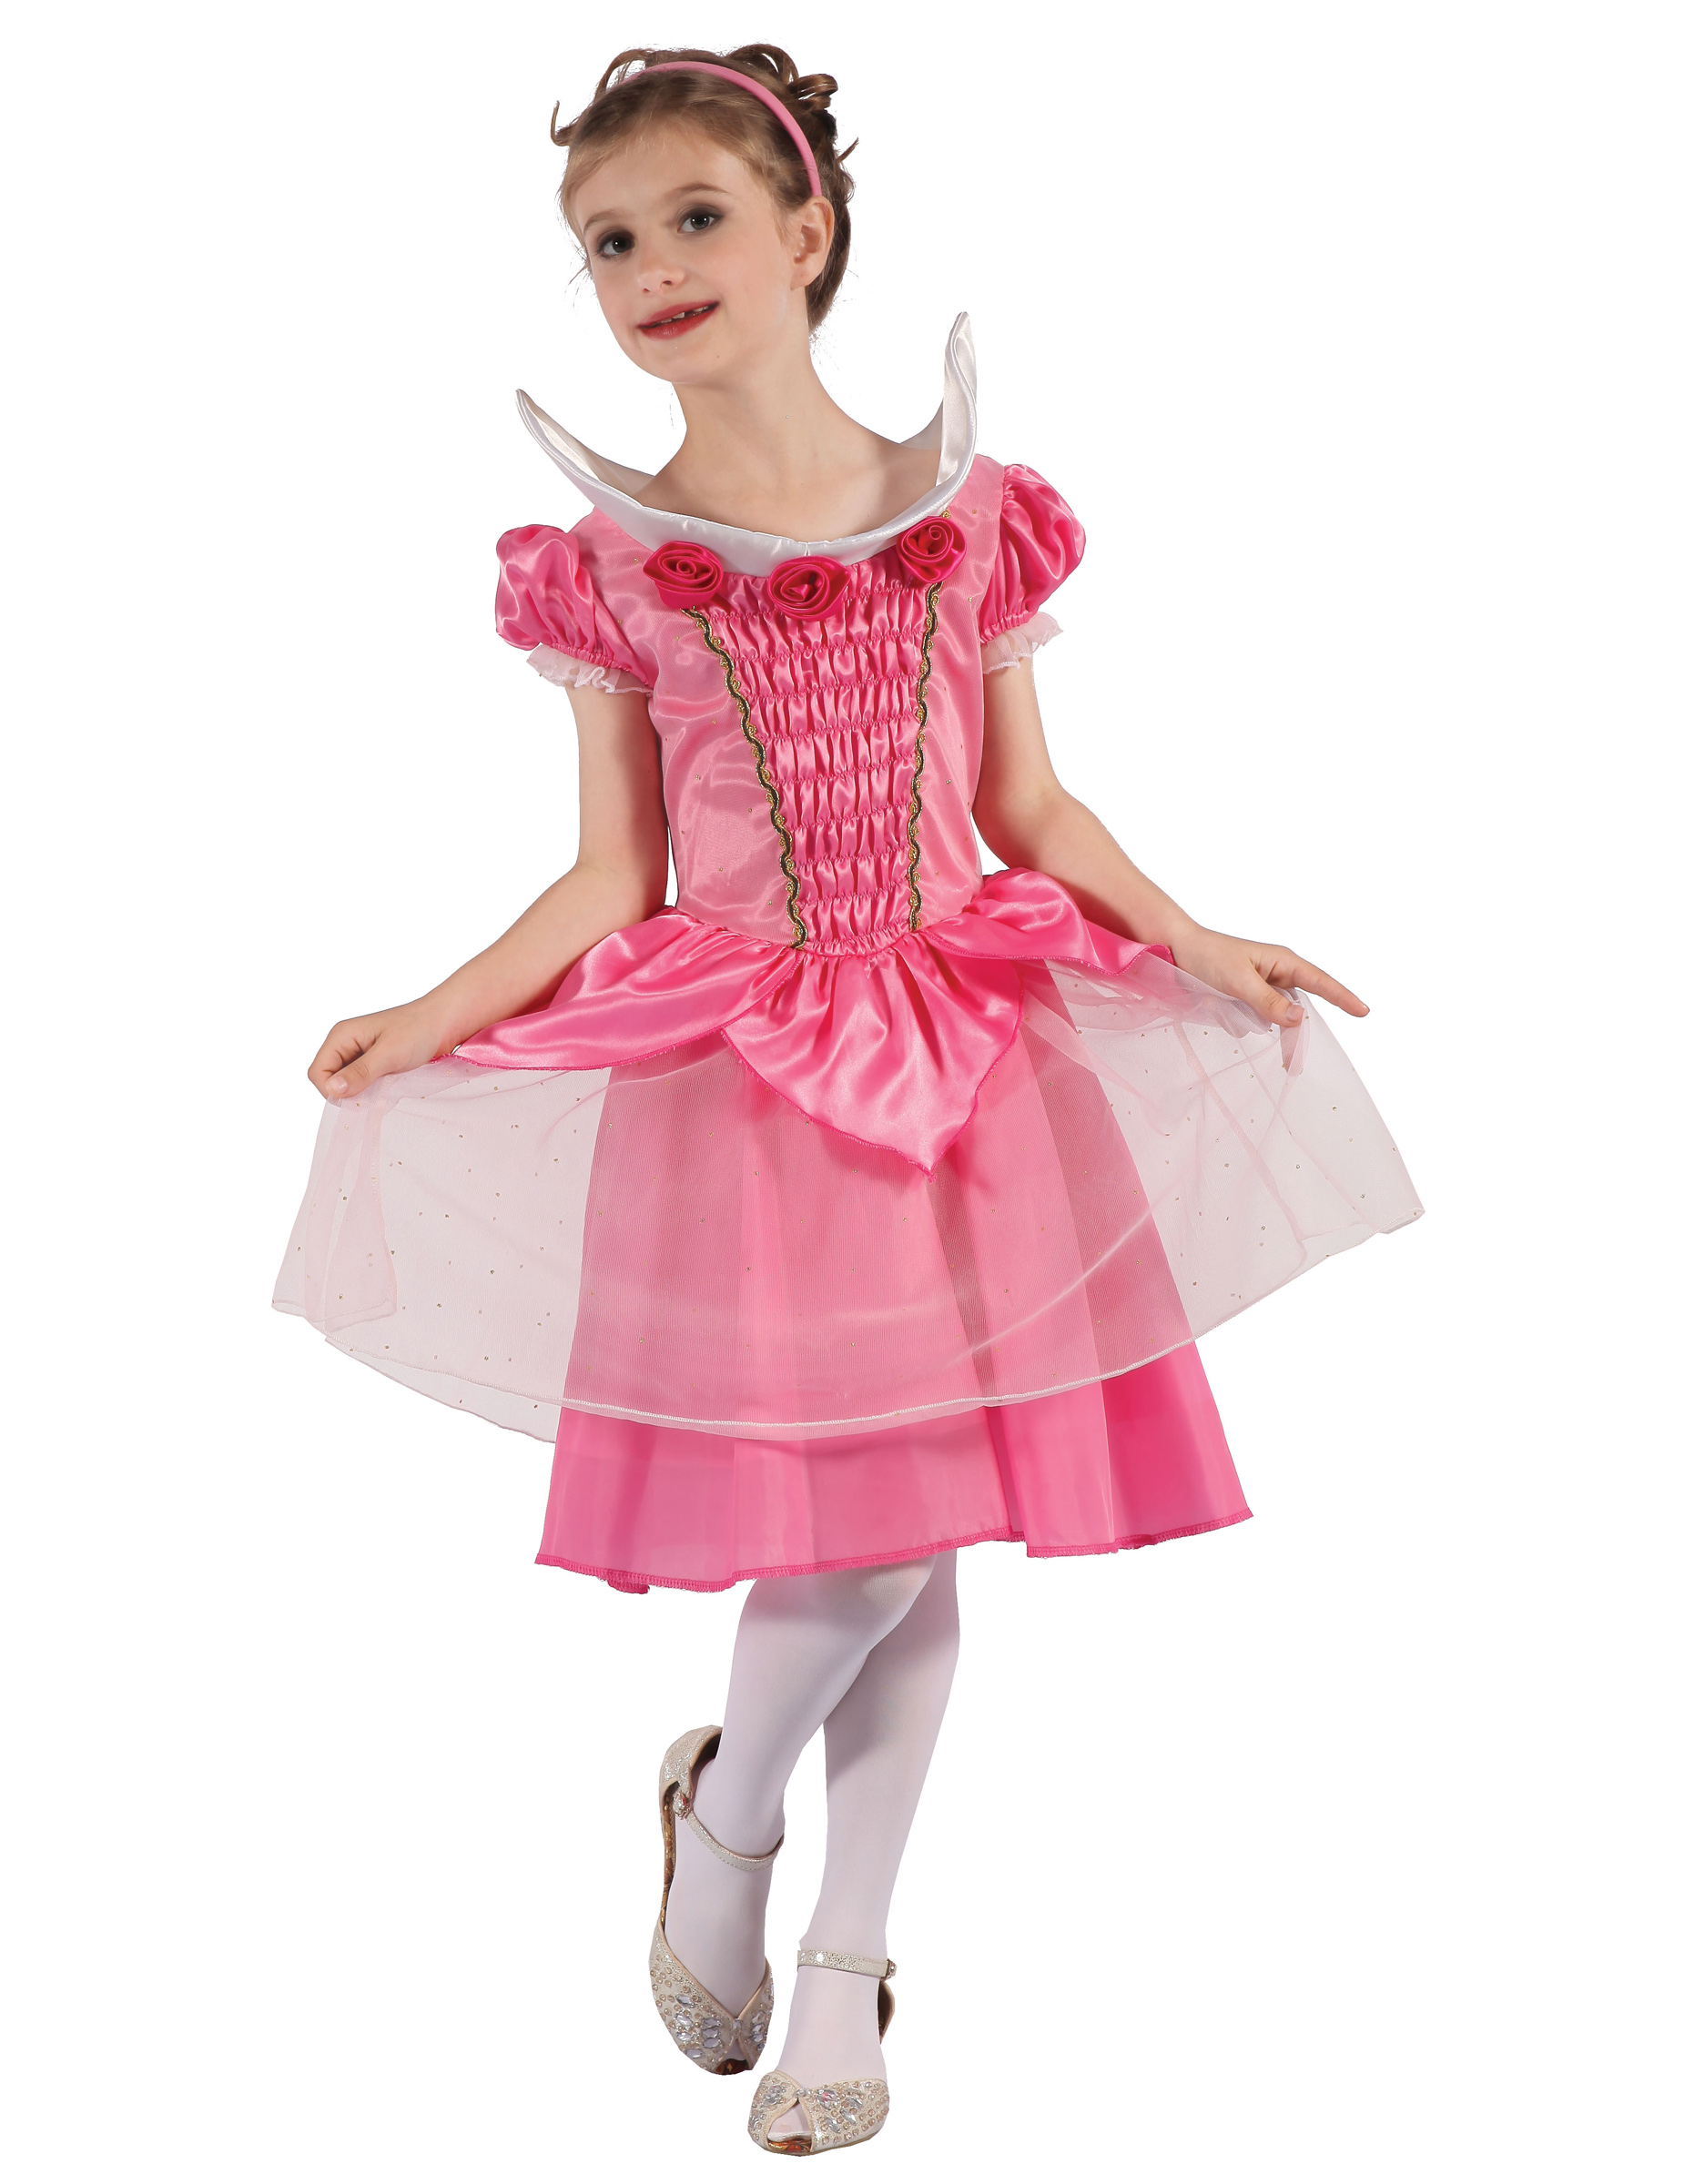 Kostüm Prinzessinnen Ballkleid - 110/116 (4-6 Jahre) 161813